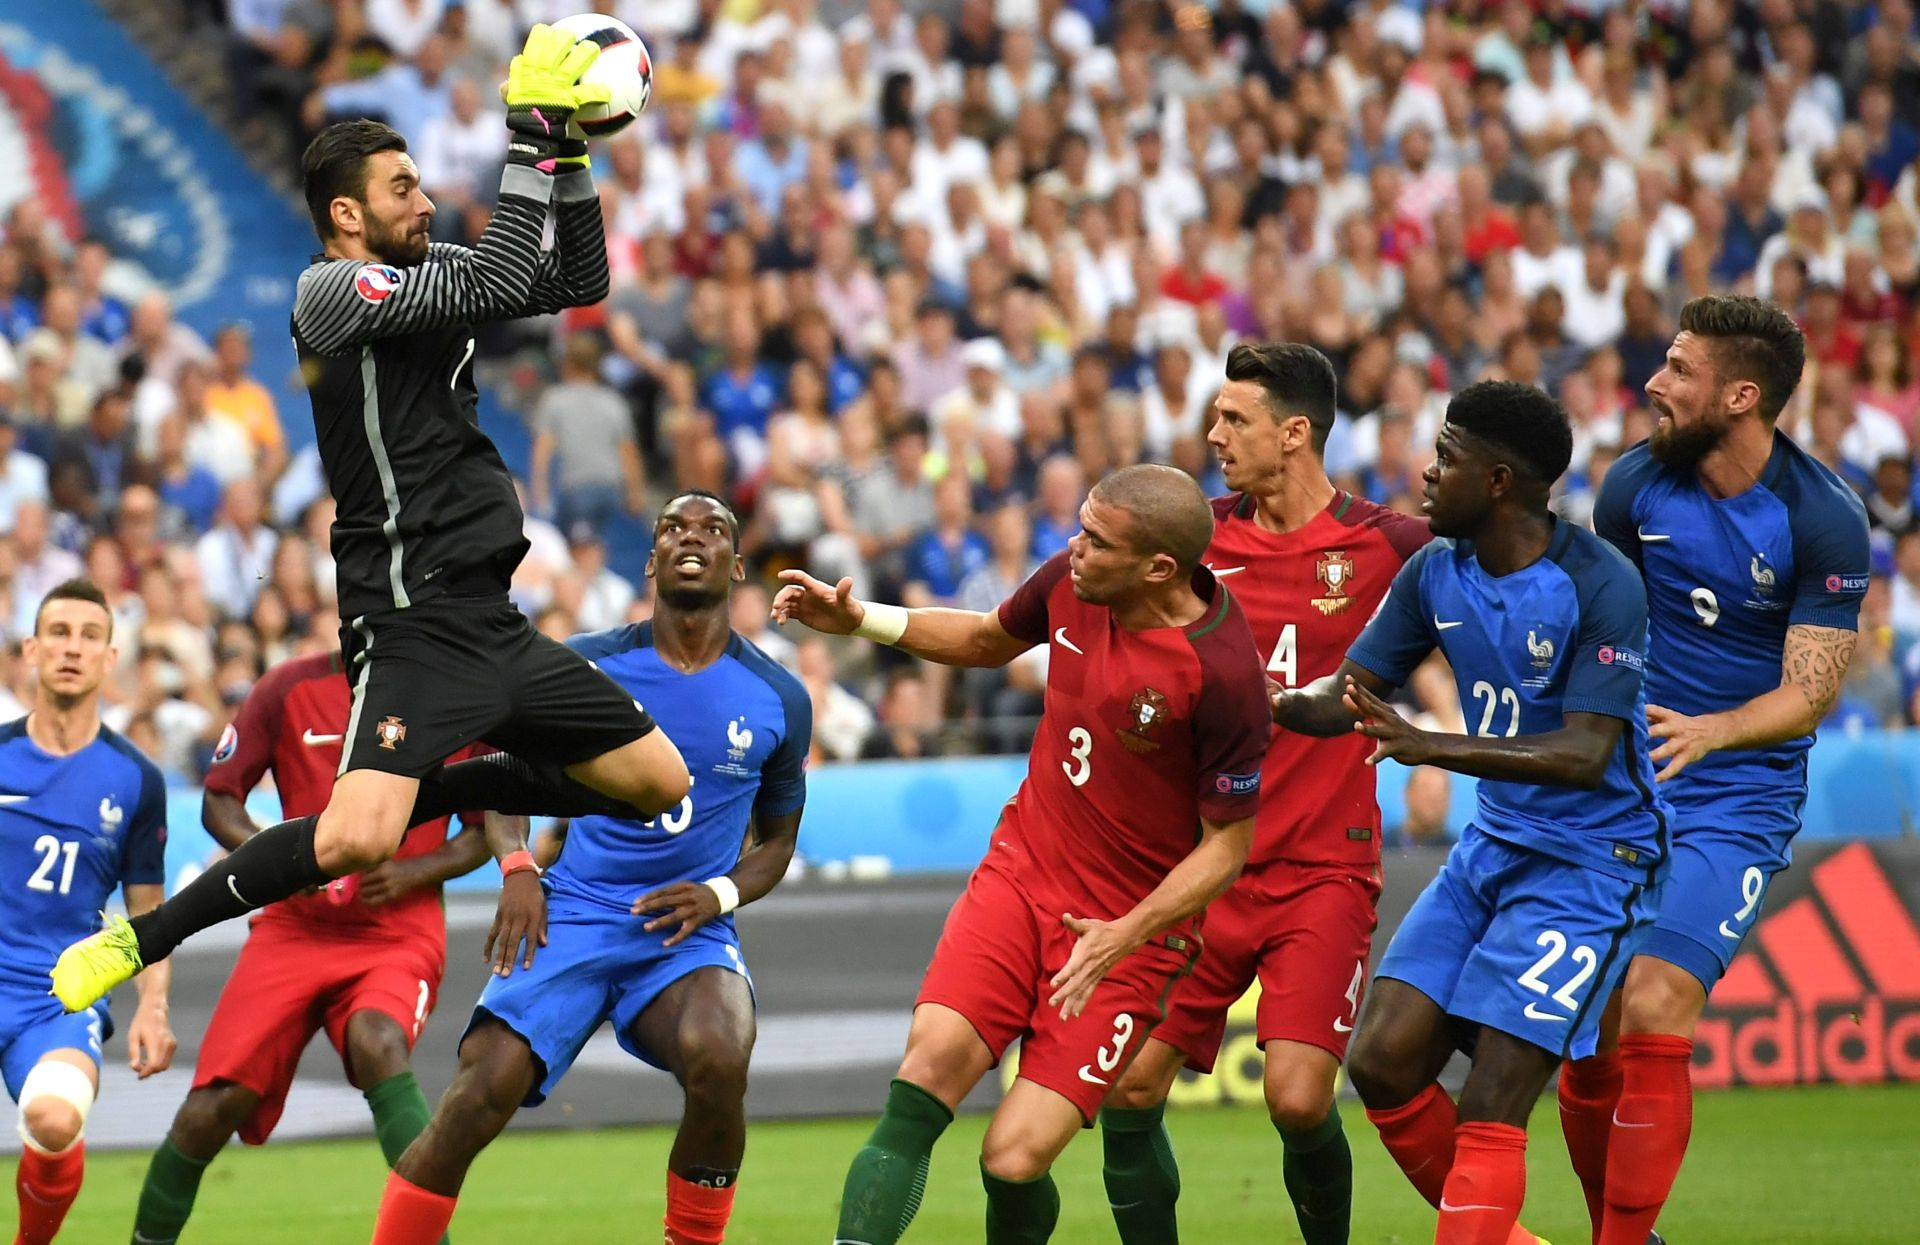 UŽIVO BITKA ZA NASLOV: Portugal je prvak Europe